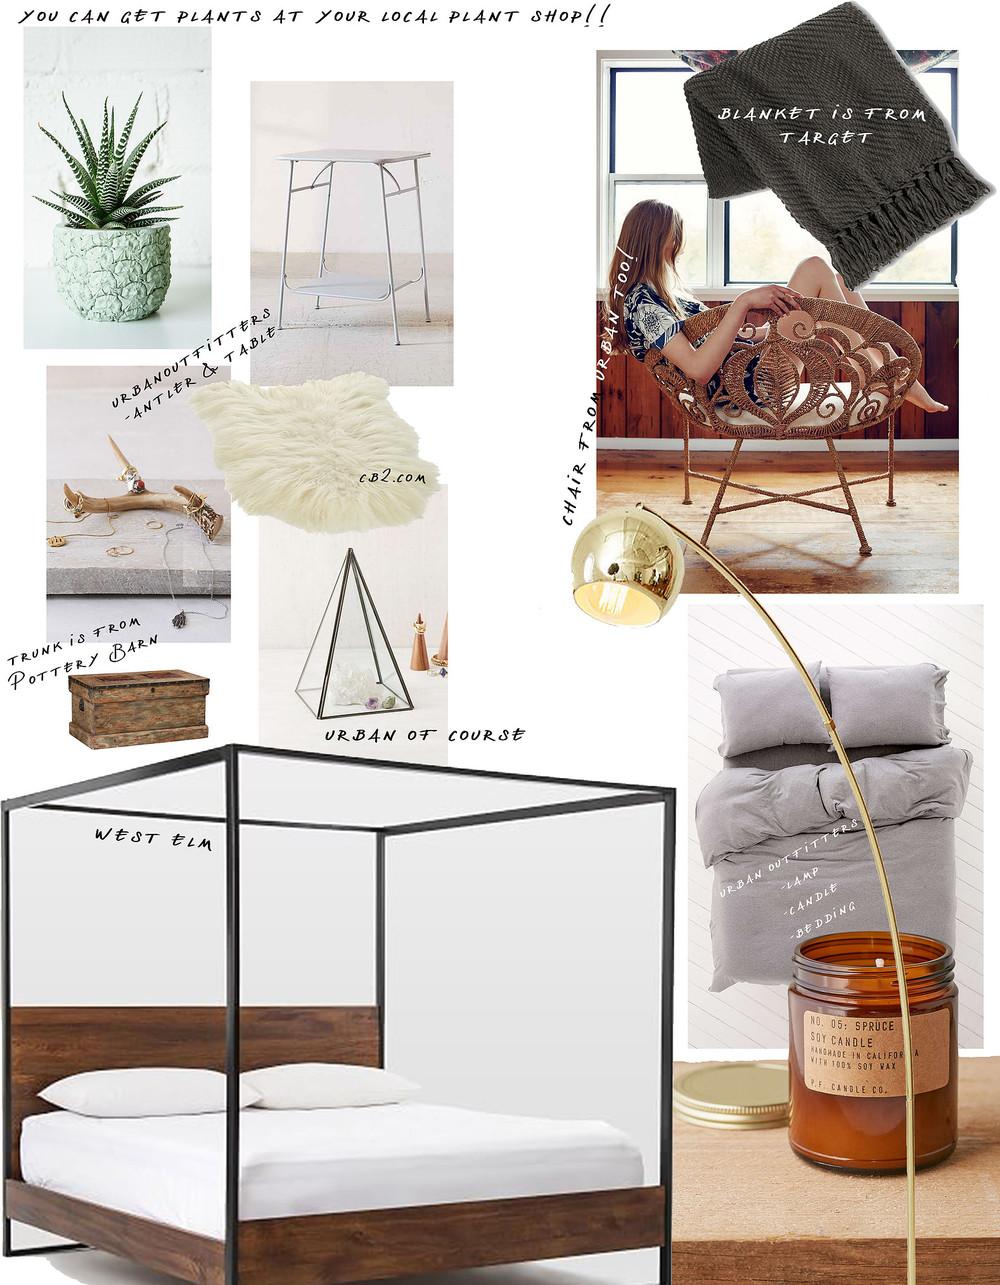 All products from...u  rbanoutfitters.com  |  target.com  |  cb2.com  |  westelm.com  |  potterybarn.com